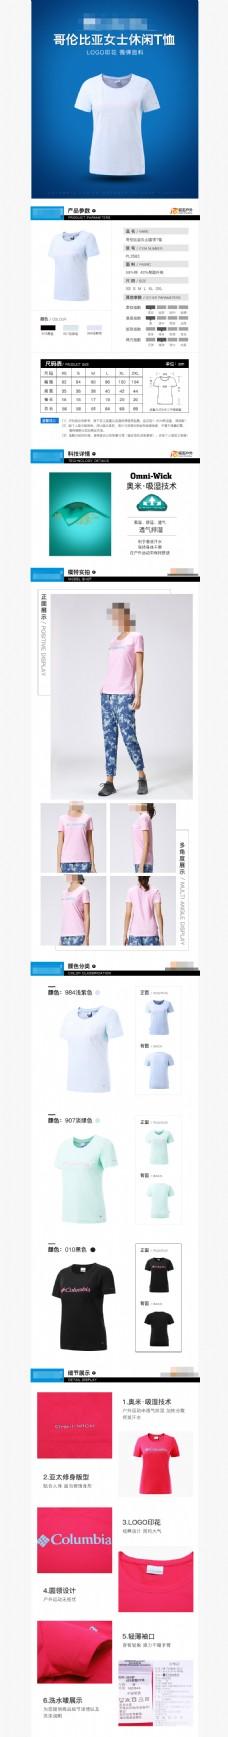 运动T恤淘宝详情页